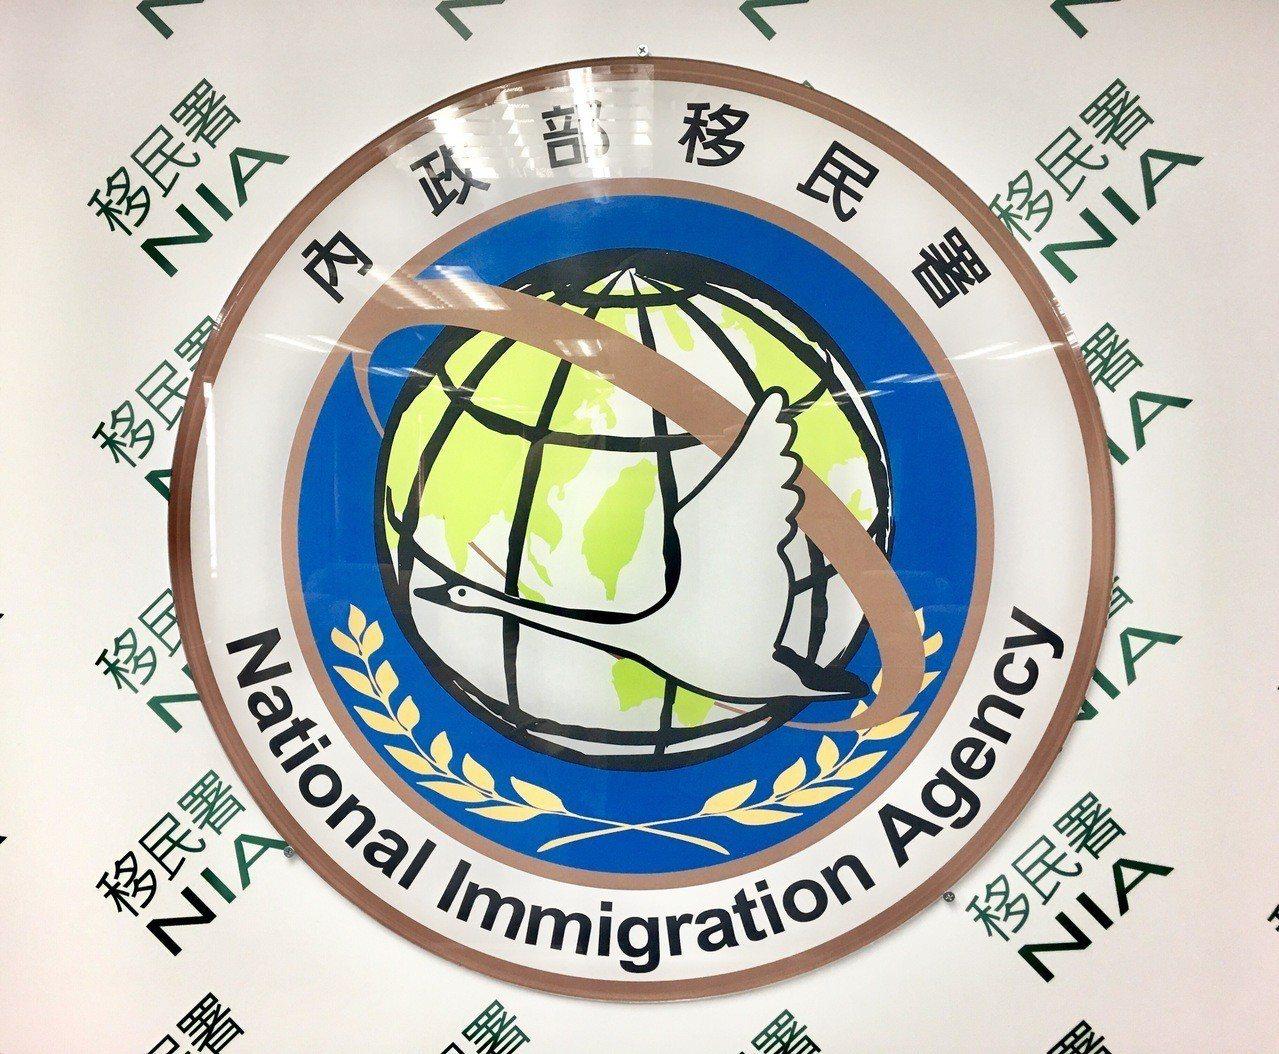 去年年底發生「觀宏專案」148名越南客脫團事件,移民署、警政署合力查處至今(11...